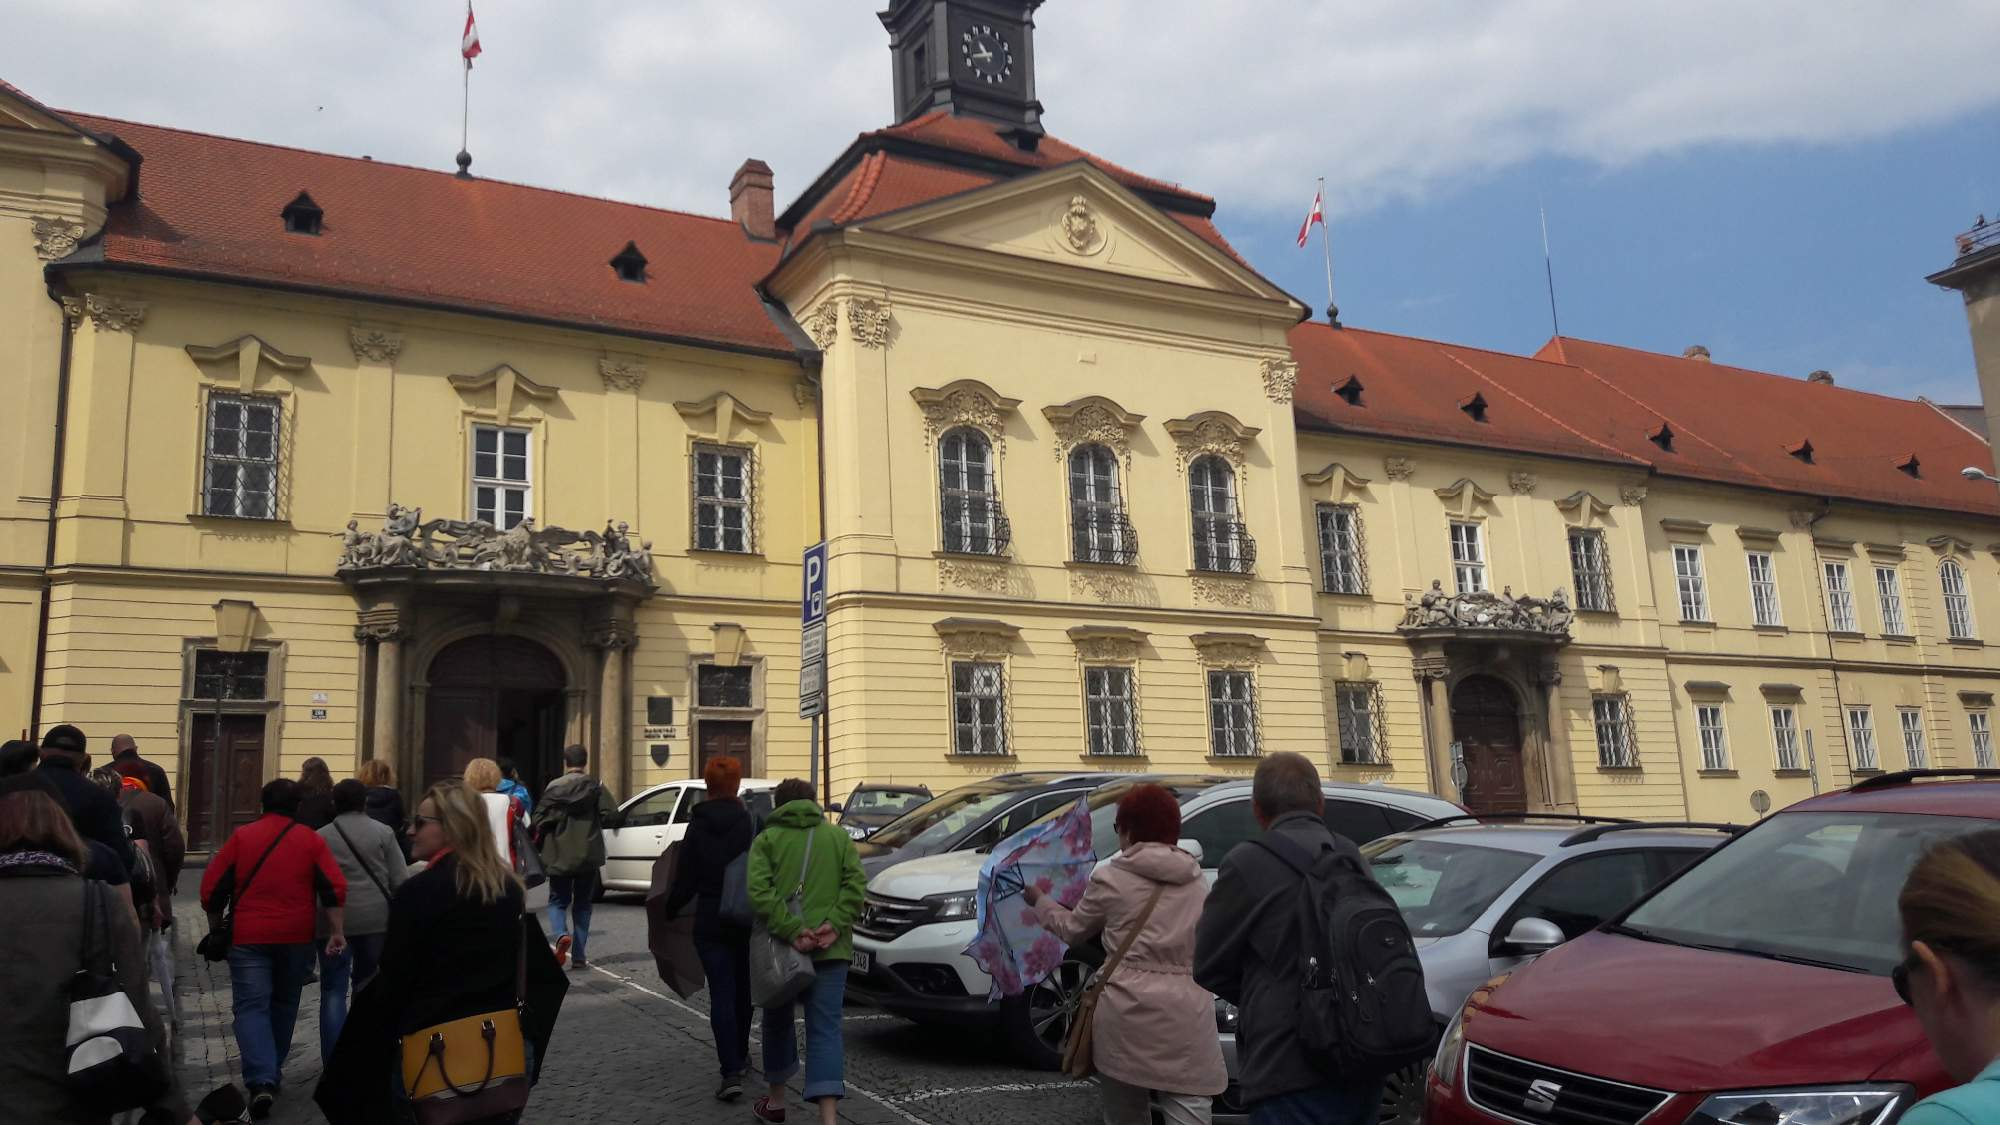 Nová radnice se proslavila svými orlími balkónky, odkud promlouvaly známé historické osobnosti. FOTO: Tereza Hálová